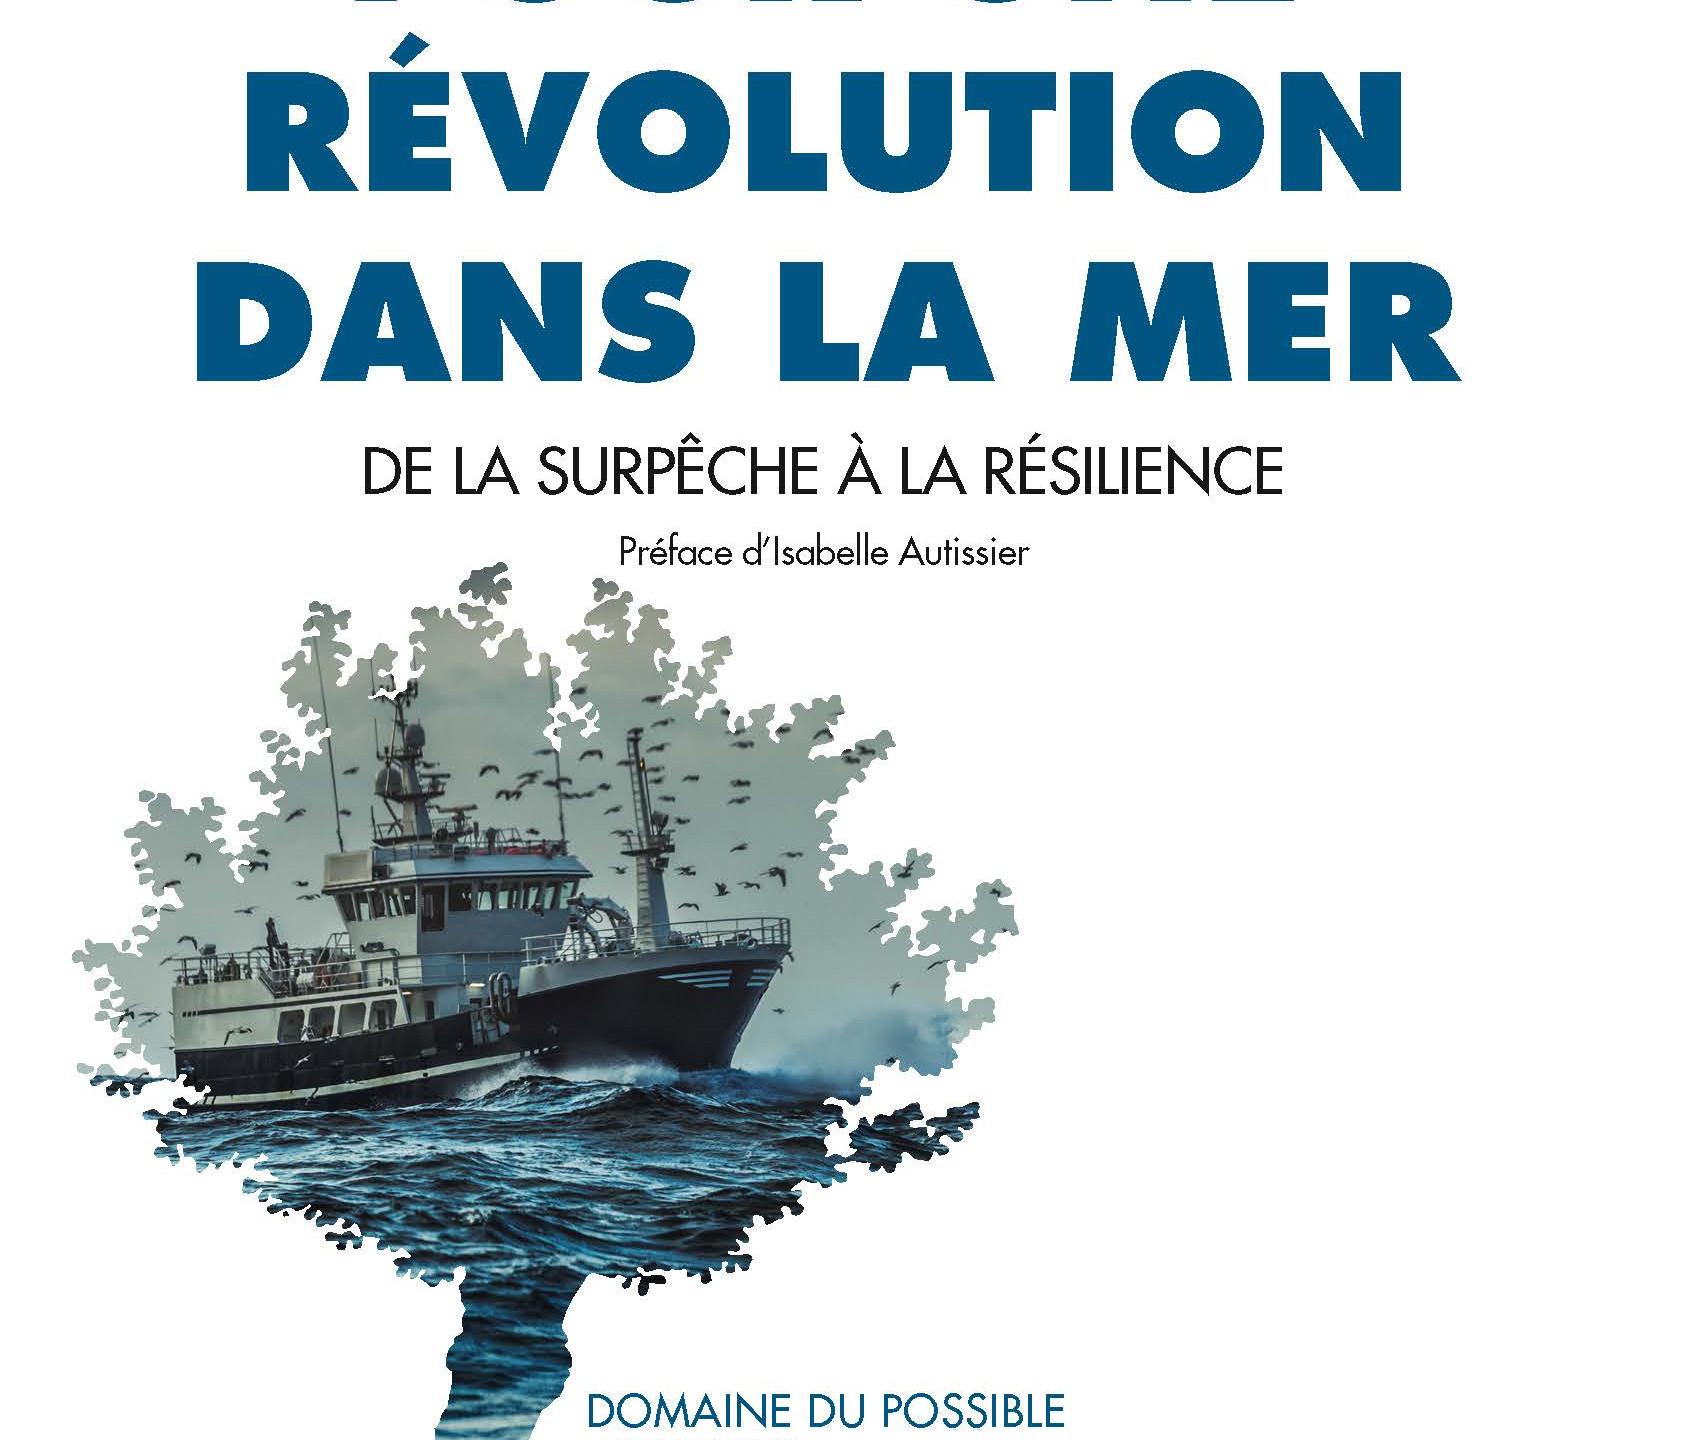 Pour_une_r+®volution_dans_la_mer-min